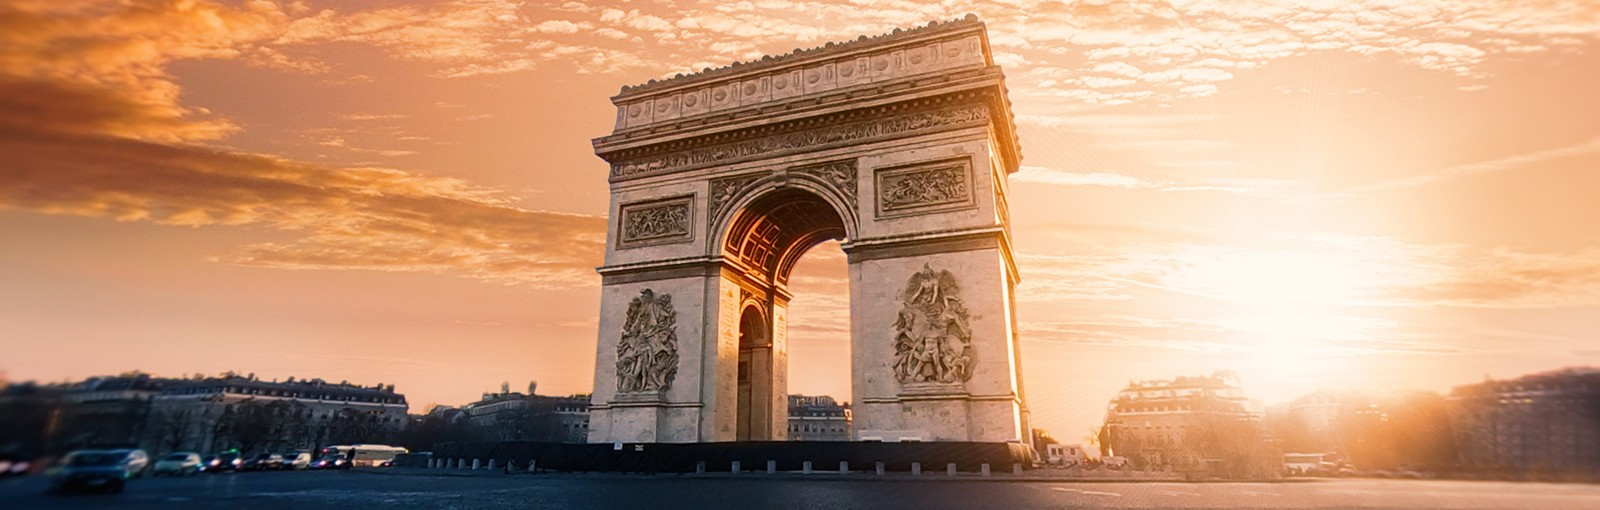 Tours Paris y el Louvre dia completo - Tours de ciudad - Visitas de Paris